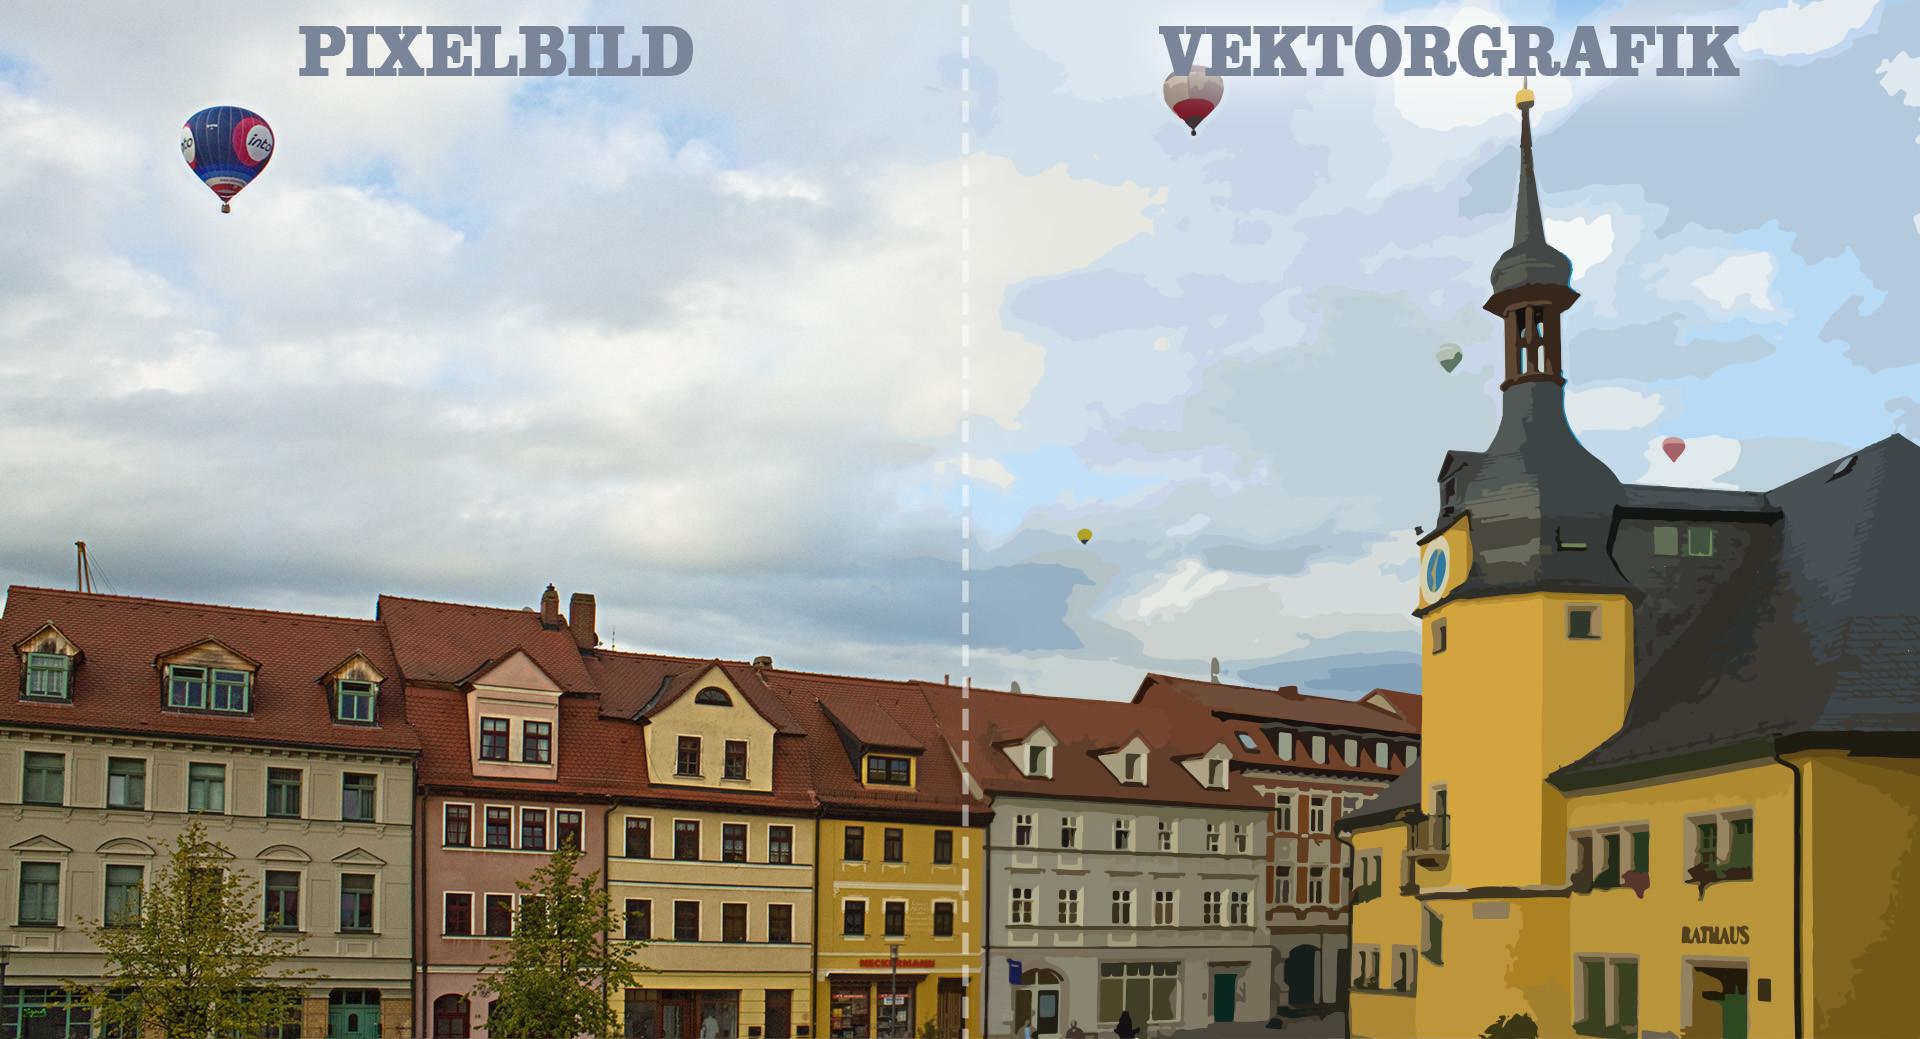 Pixel vs. Vektor - Pixelbild und Vektorgrafik - Vergleich zwischen Pixelbild und Vektorgrafik